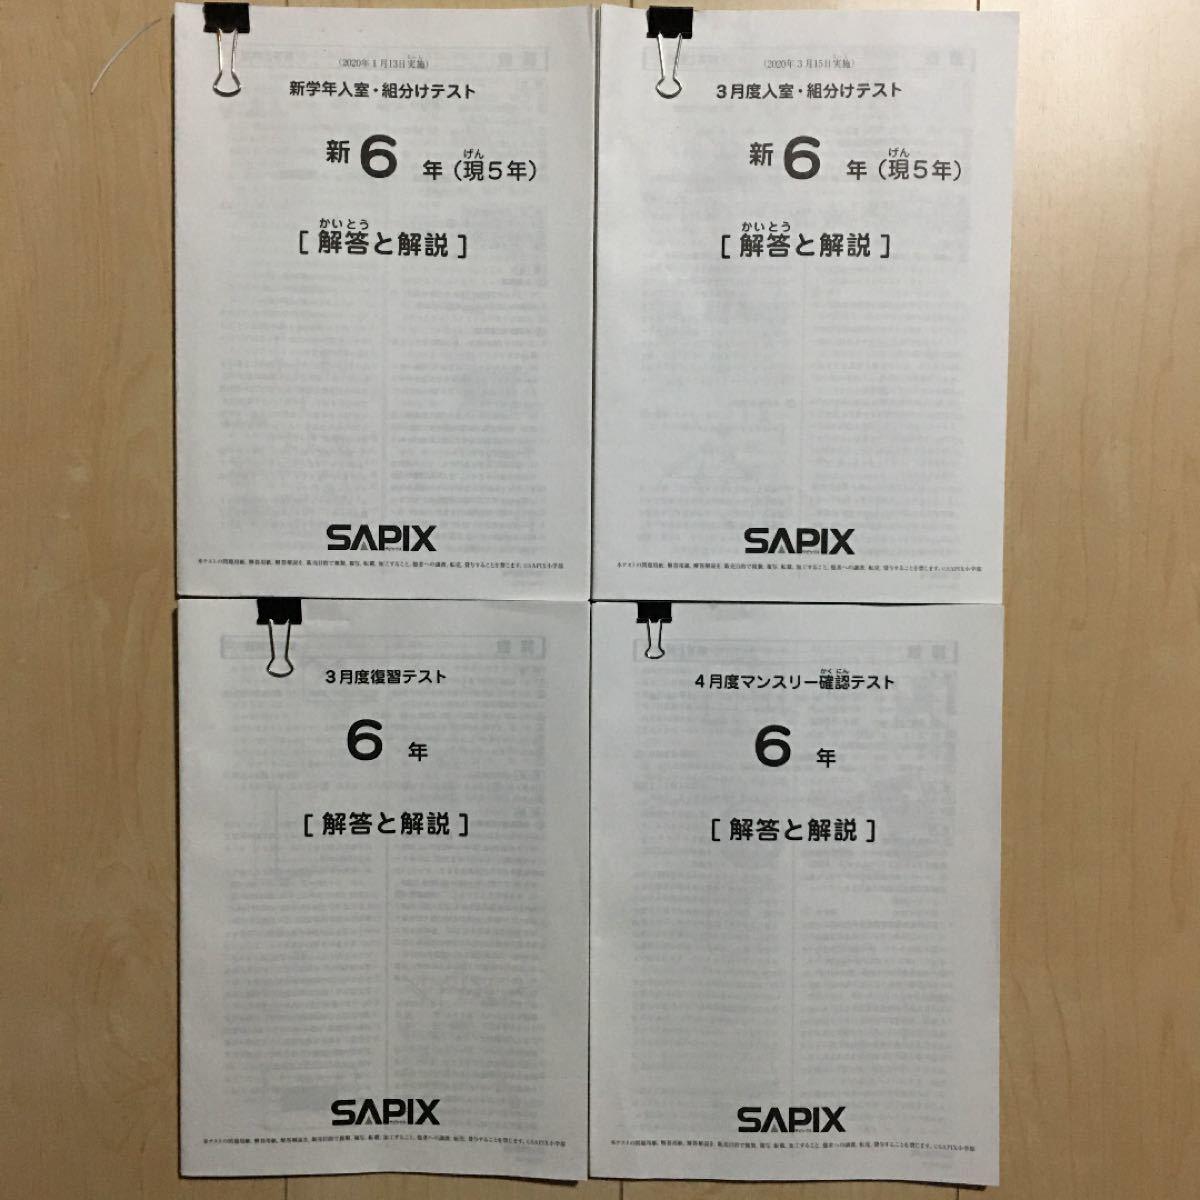 SAPIXサピックス 小6テスト4つ 入室テスト×2,復習,マンスリー中面書込有